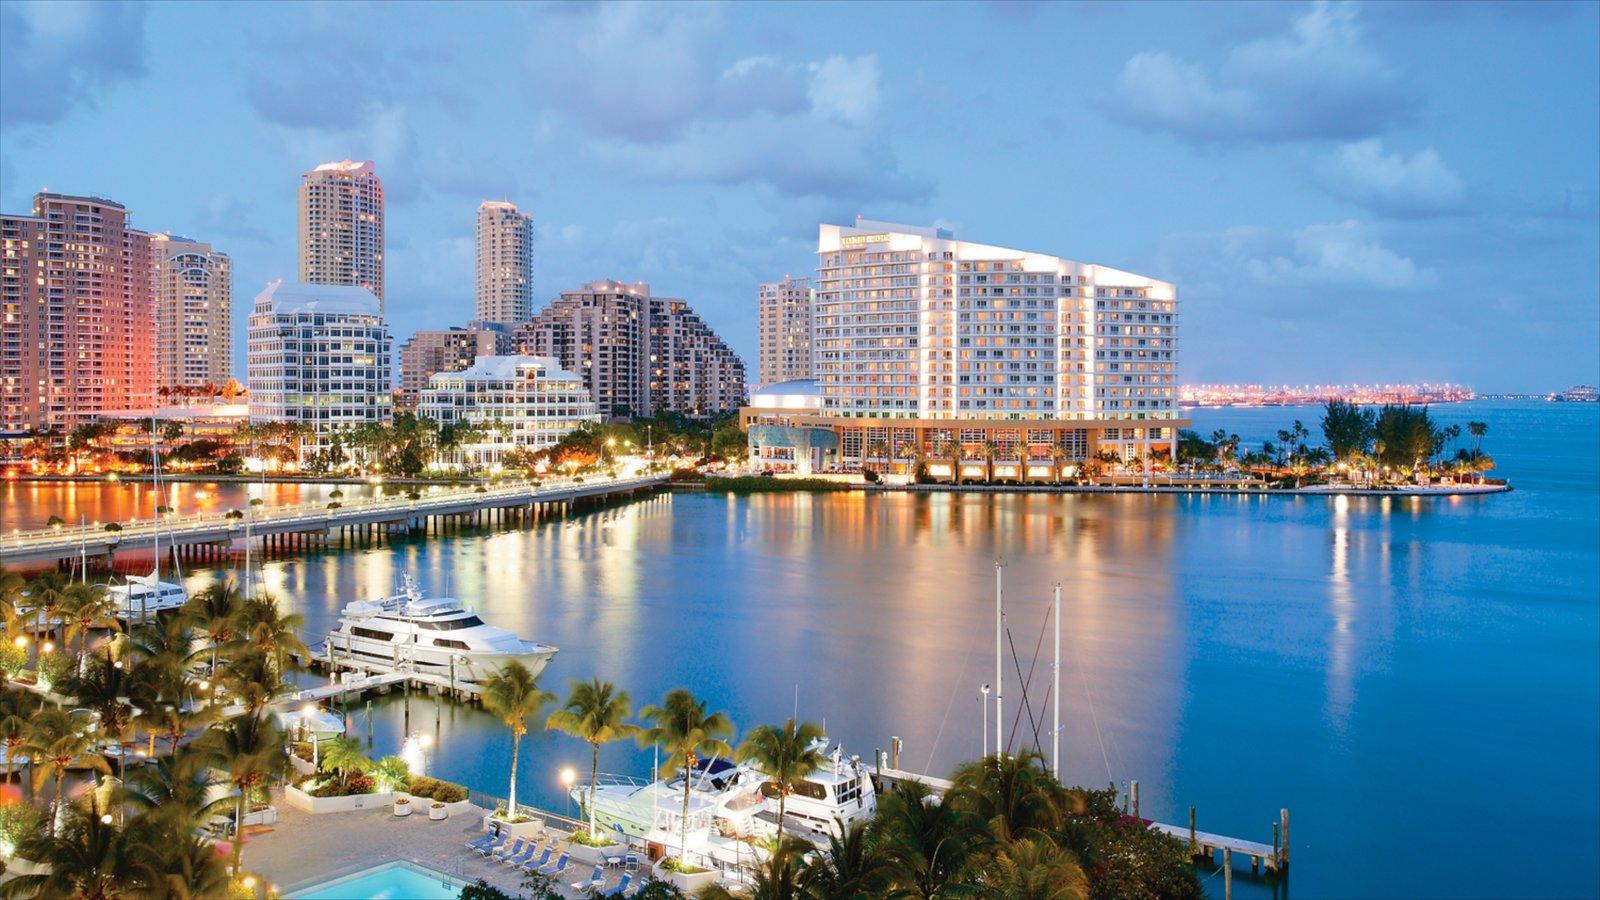 Miami que incluye una ciudad, un rascacielos y vistas generales de la costa